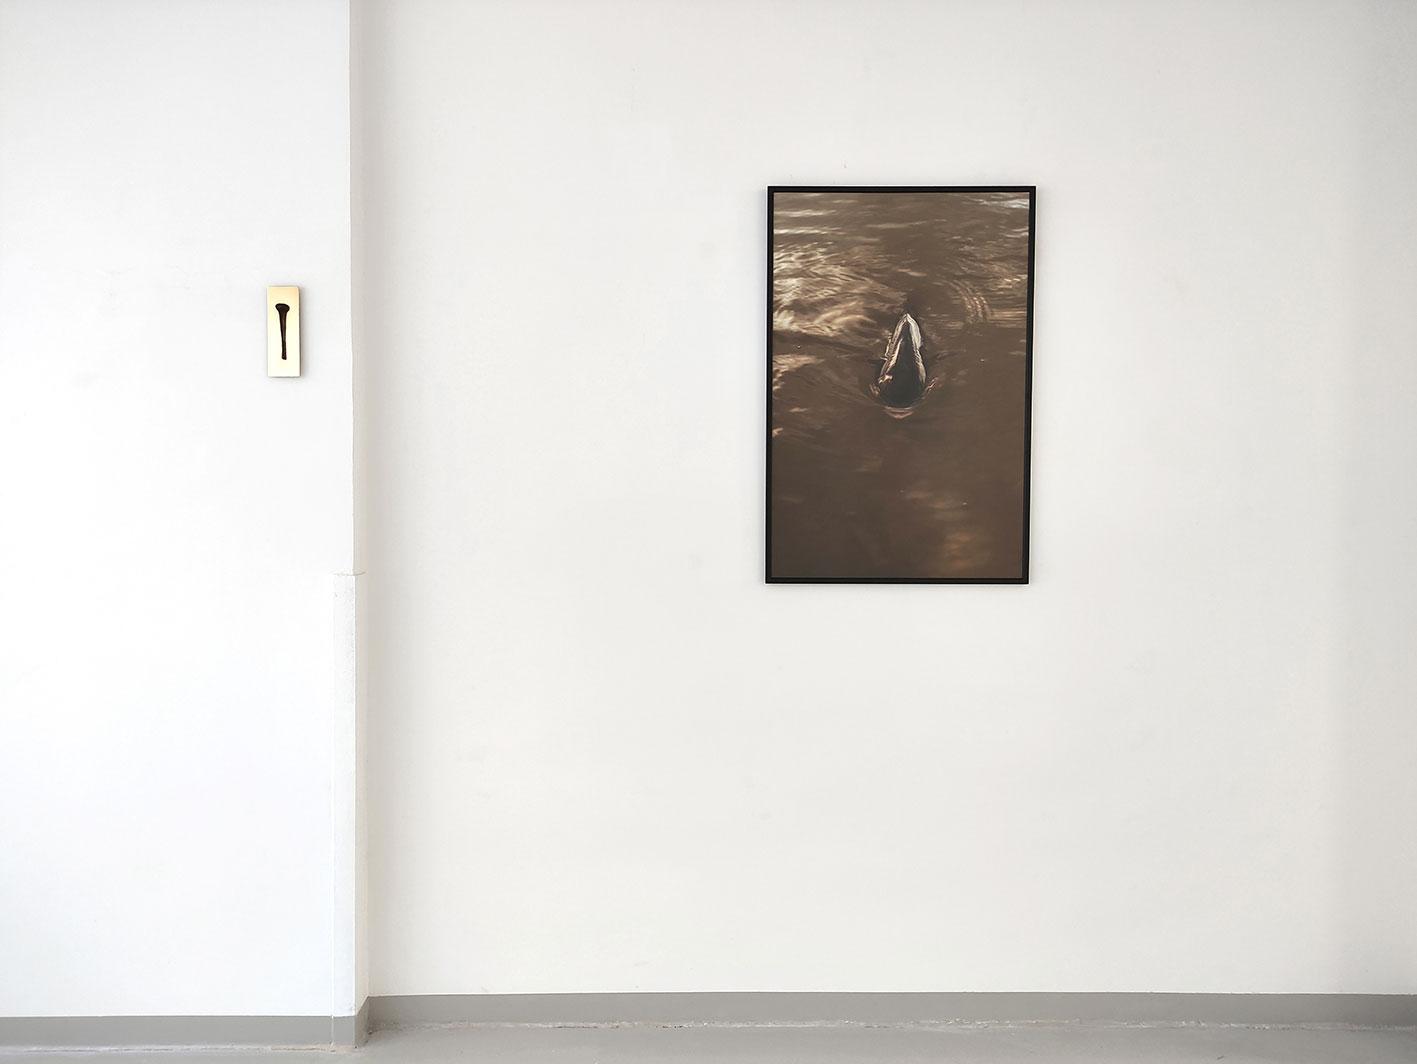 Moreno & Grau. La Isla (Arcilla. Amoníaco. Mosquito), 2020. Vista de exposición. La Gran